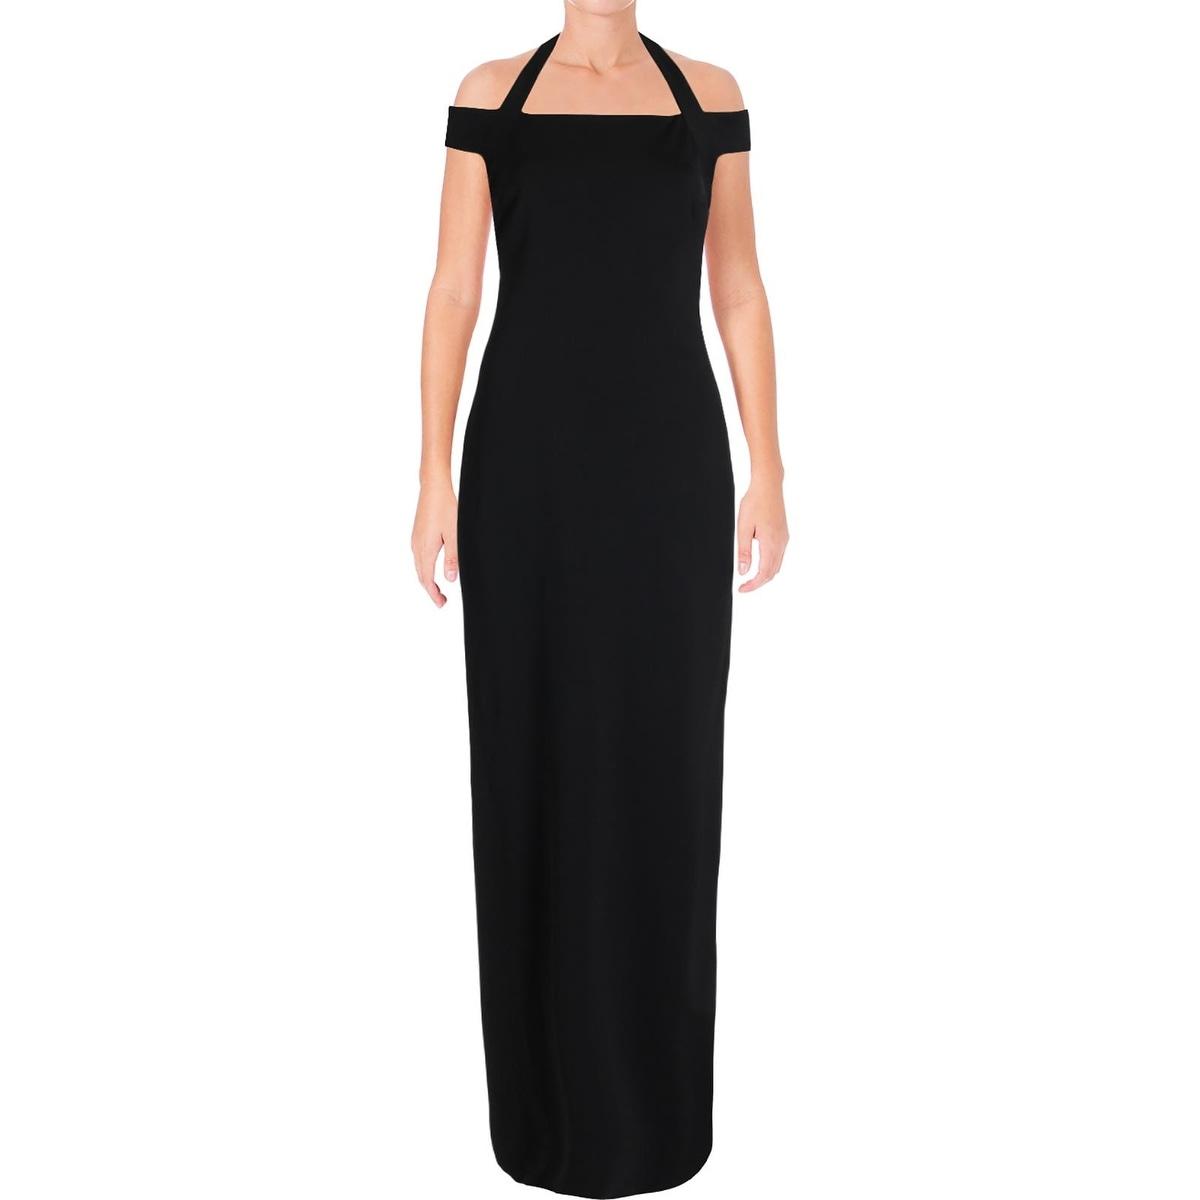 dcff89705977 LAUREN Ralph Lauren Dresses